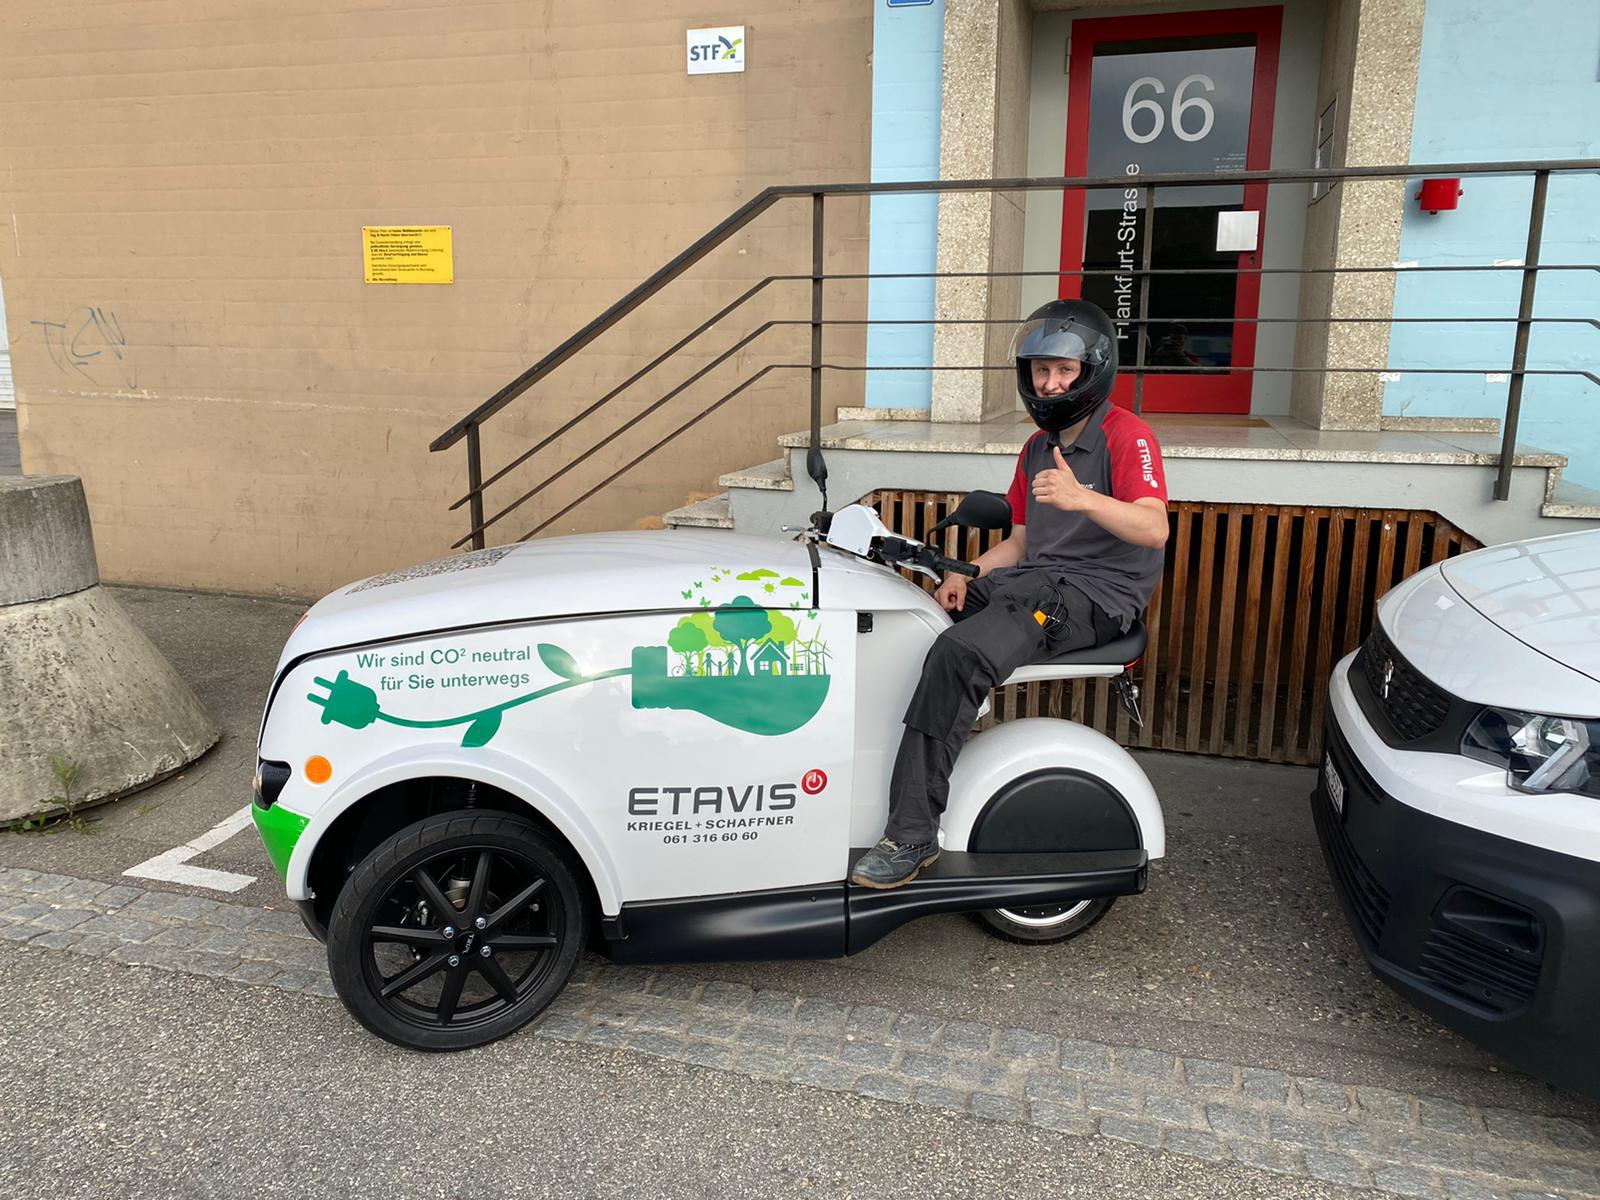 ETAVIS Kundendienst auf 3 Rädern: Nachhaltig unterwegs mit dem TRIPL